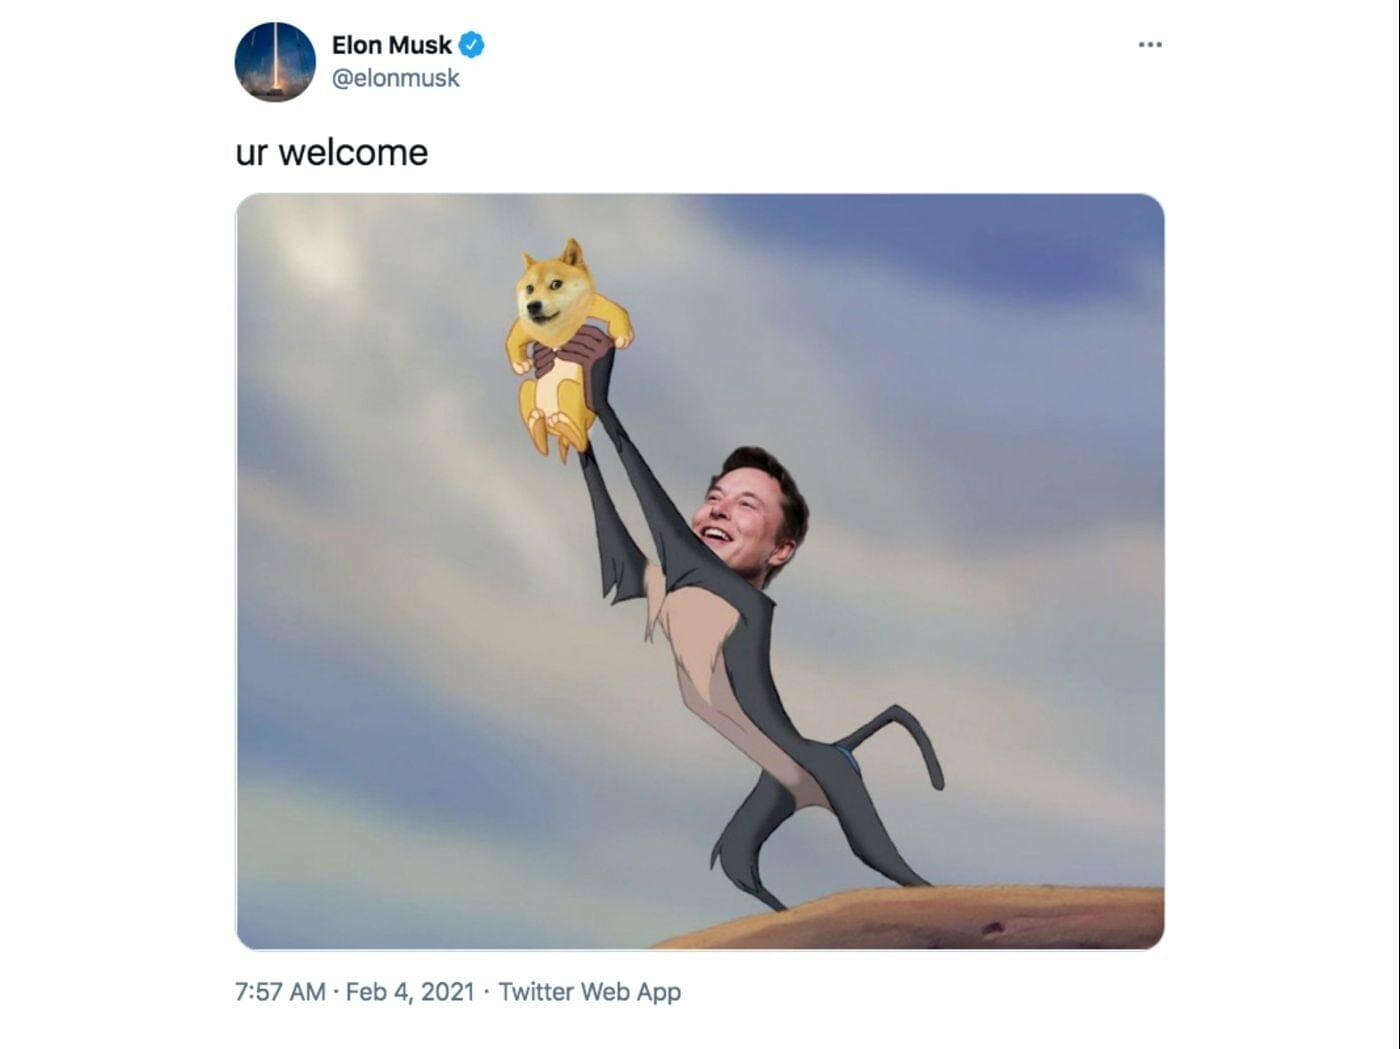 Dieses Meme auf Basis des Königs der Löwen spielt auf Elon Musk und den Dogecoin an und wurde von Musk selbst getweetet